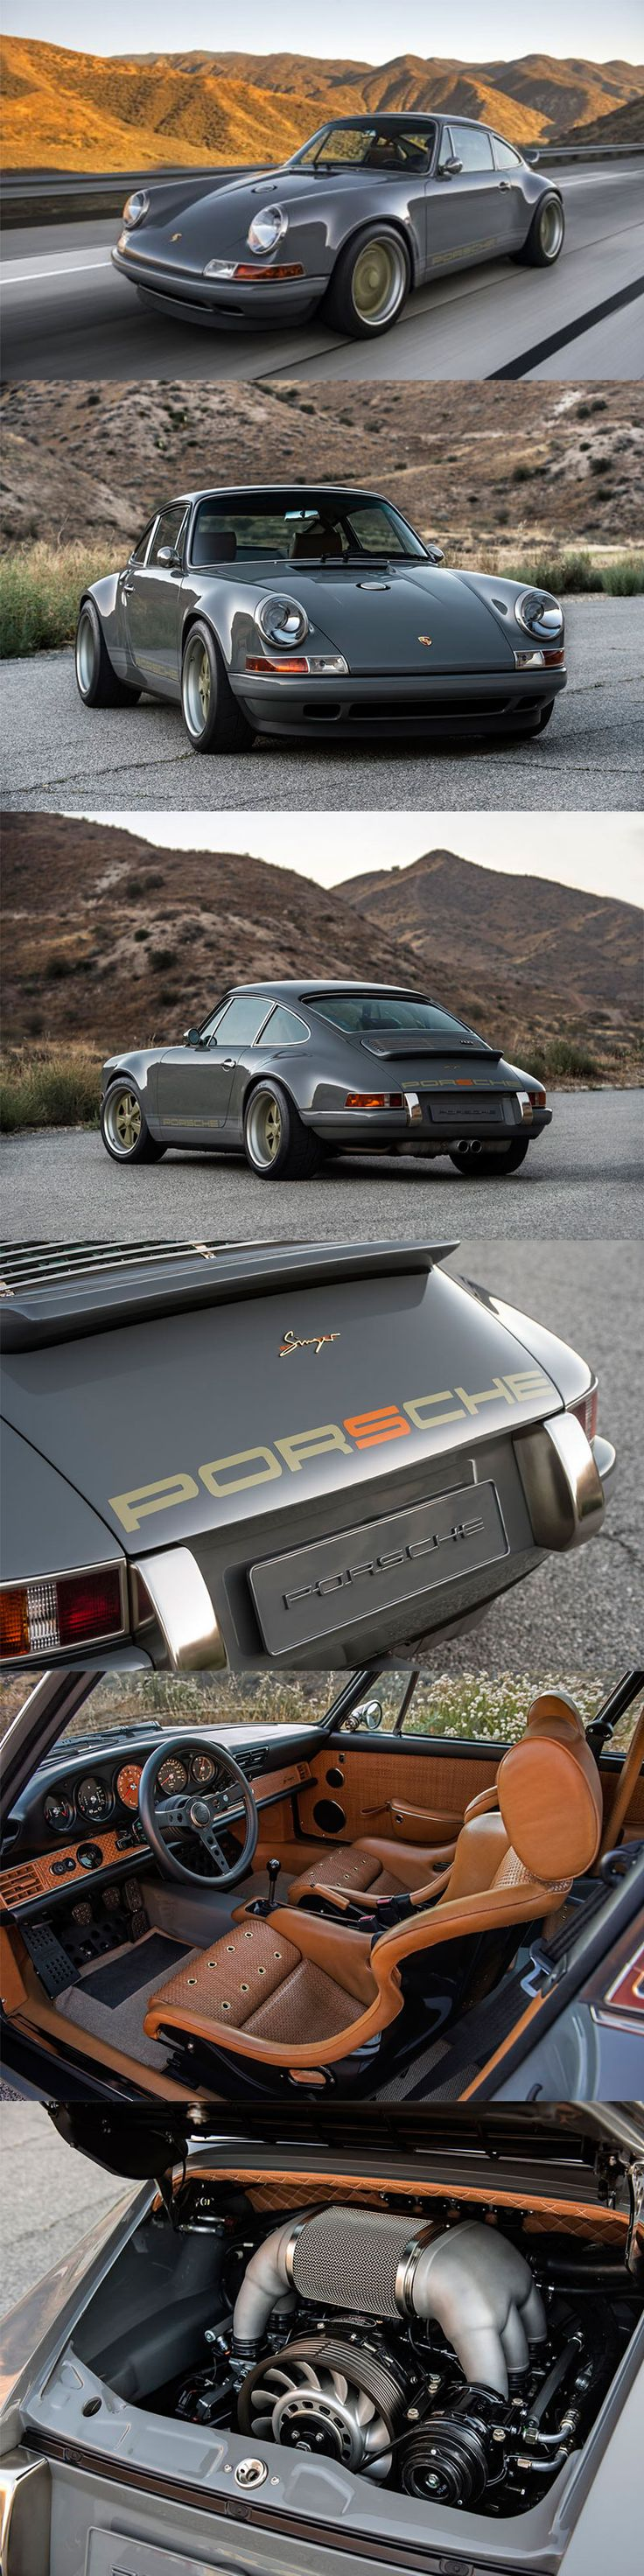 911 Porsche By Singer Vehicle Design   Chicago Version